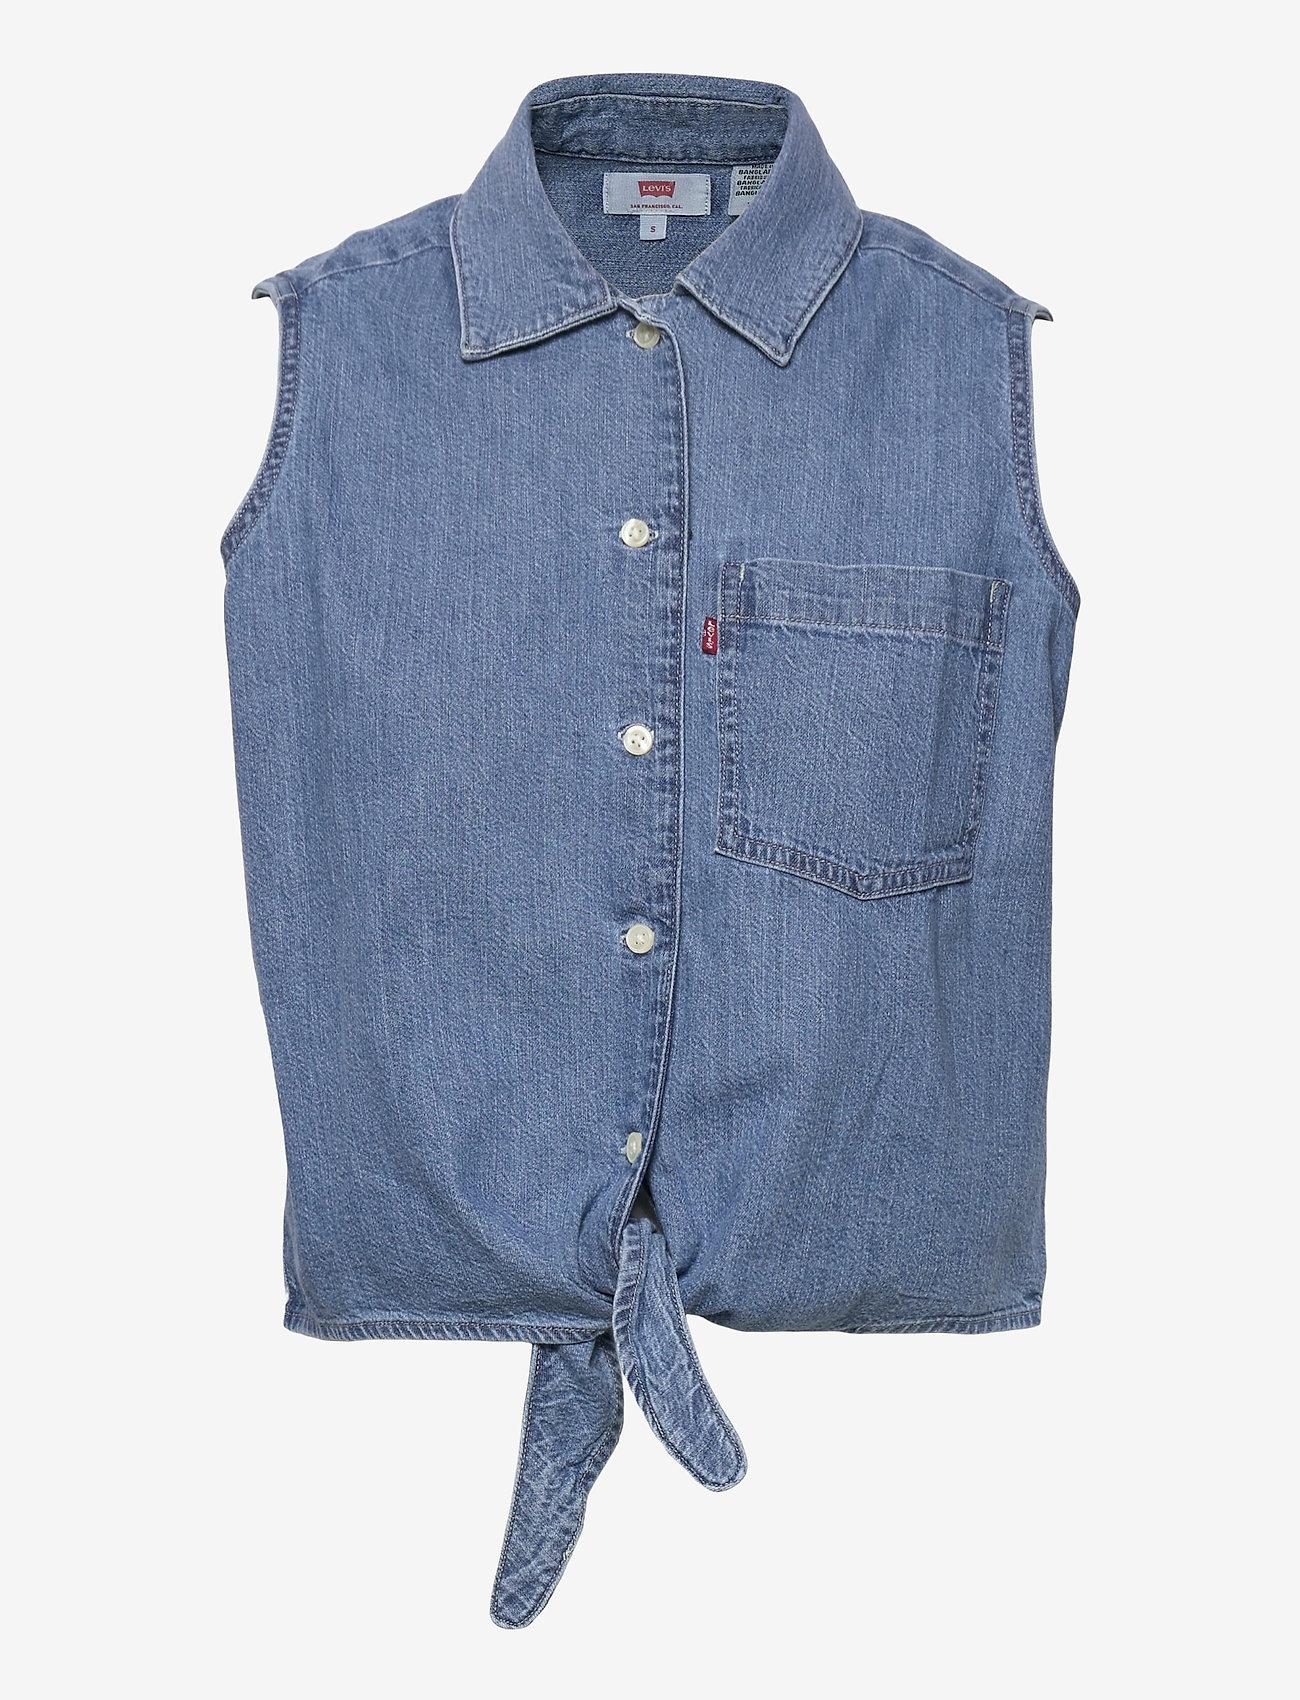 LEVI´S Women - RUMI BTTN SHIRT GDAY MATE - denimskjorter - med indigo - worn in - 0